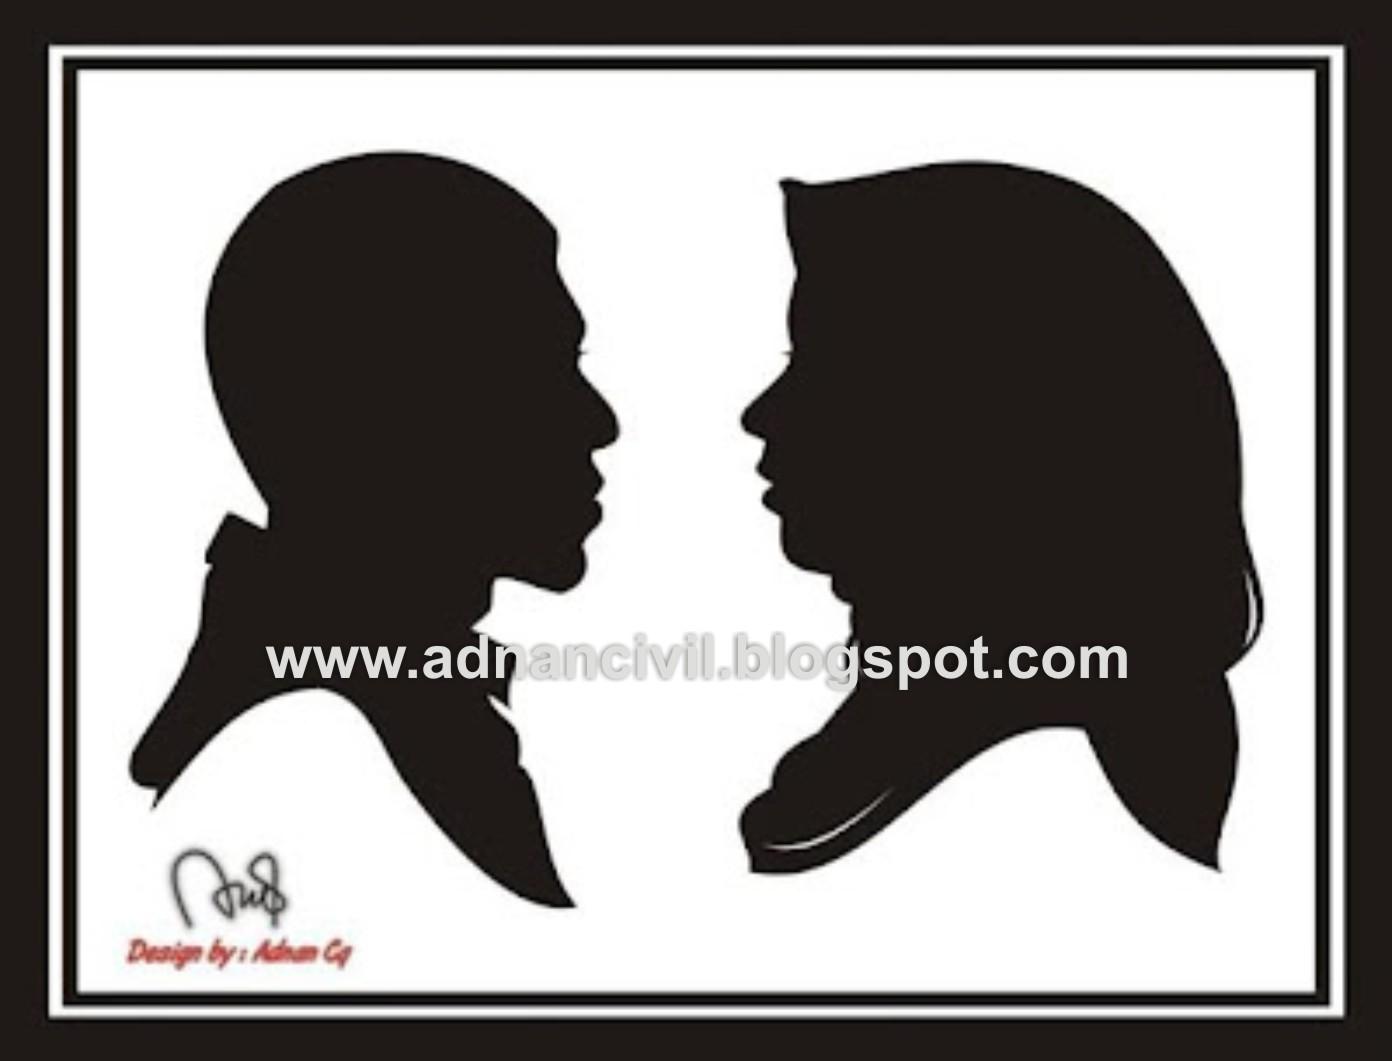 Gambar Siluet Pasangan 01 by Adnancq